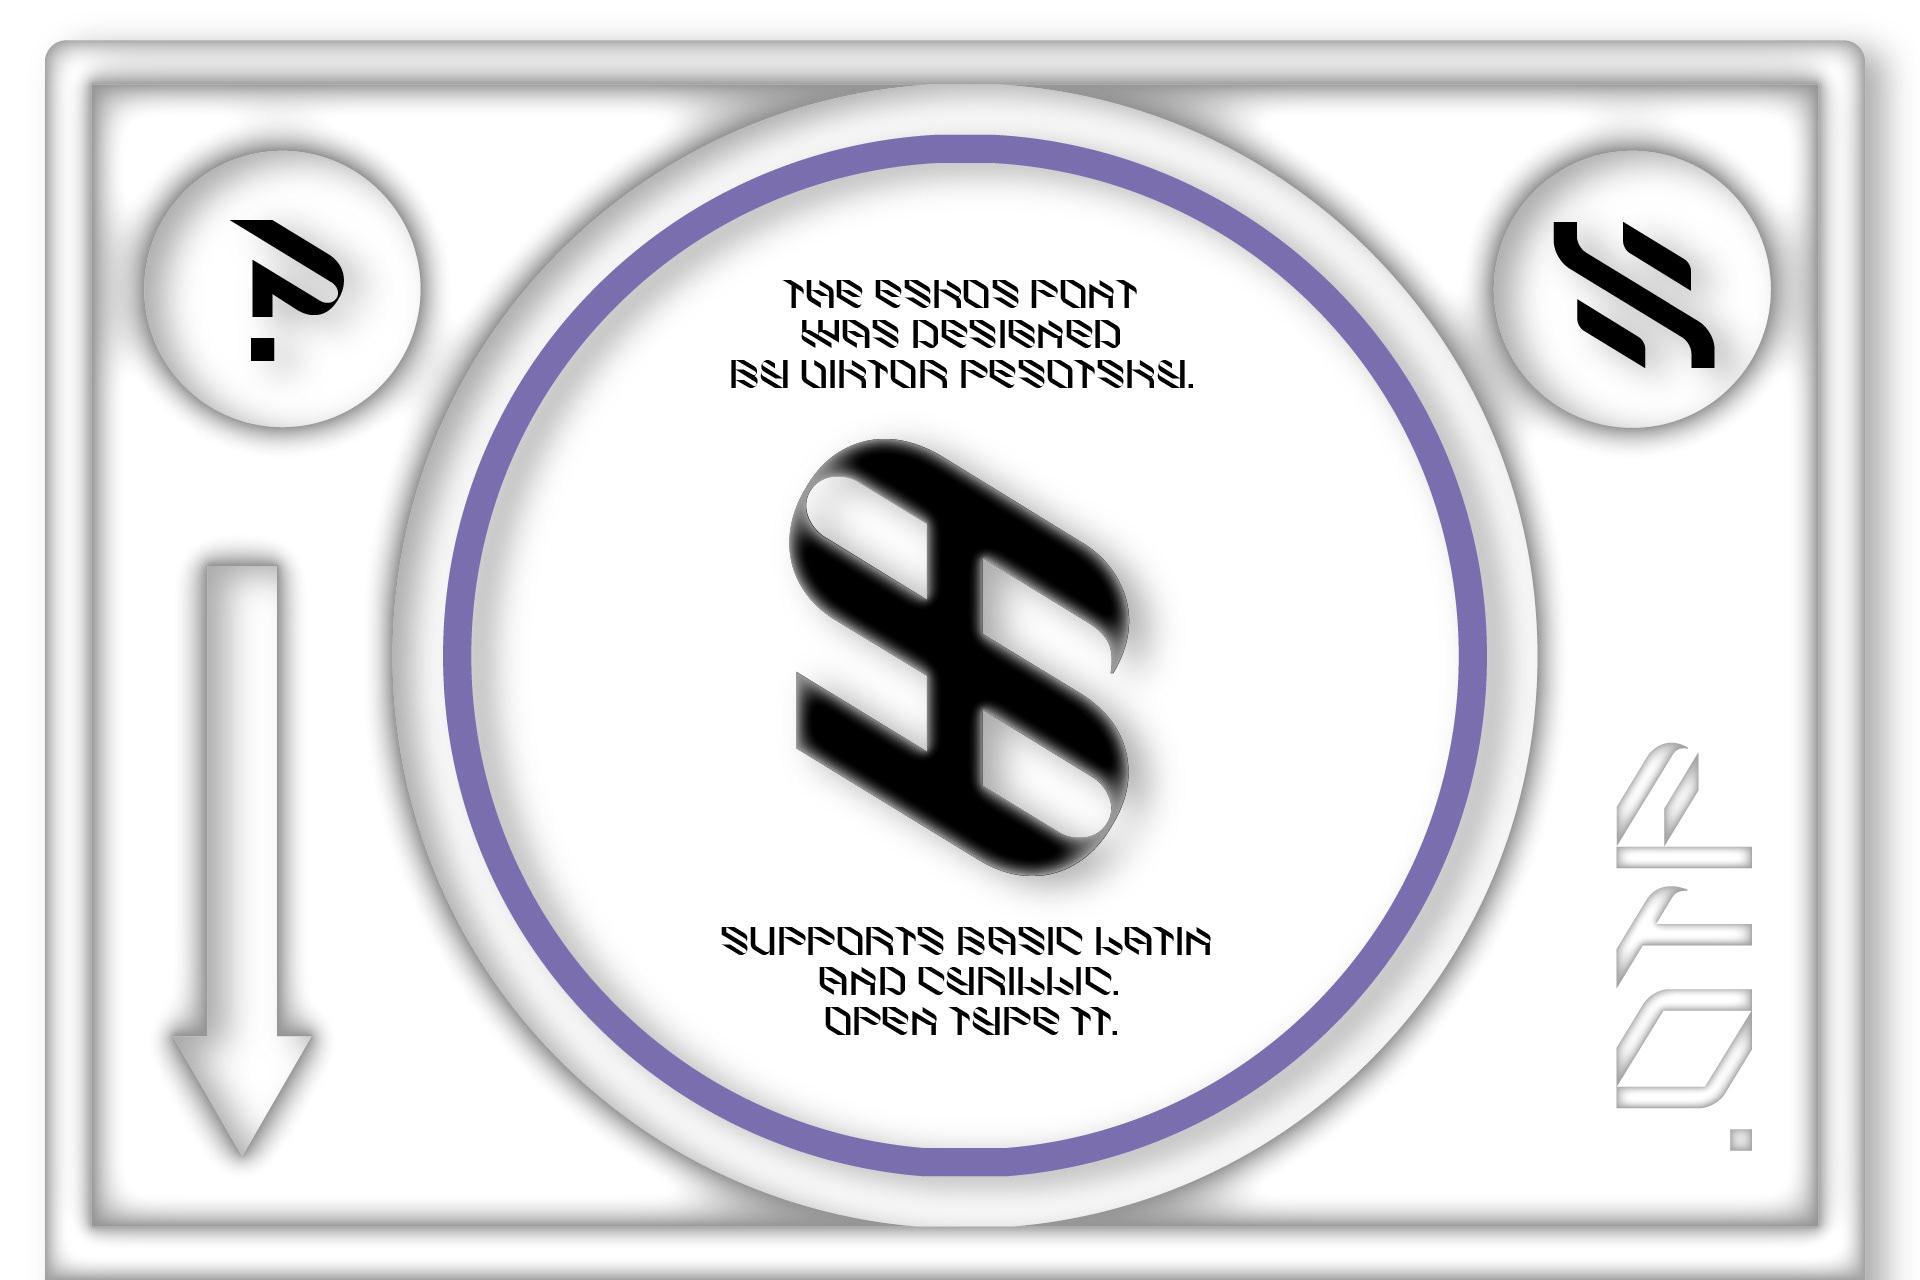 倾斜对角线英文字体下载 Eskos Typeface插图(21)